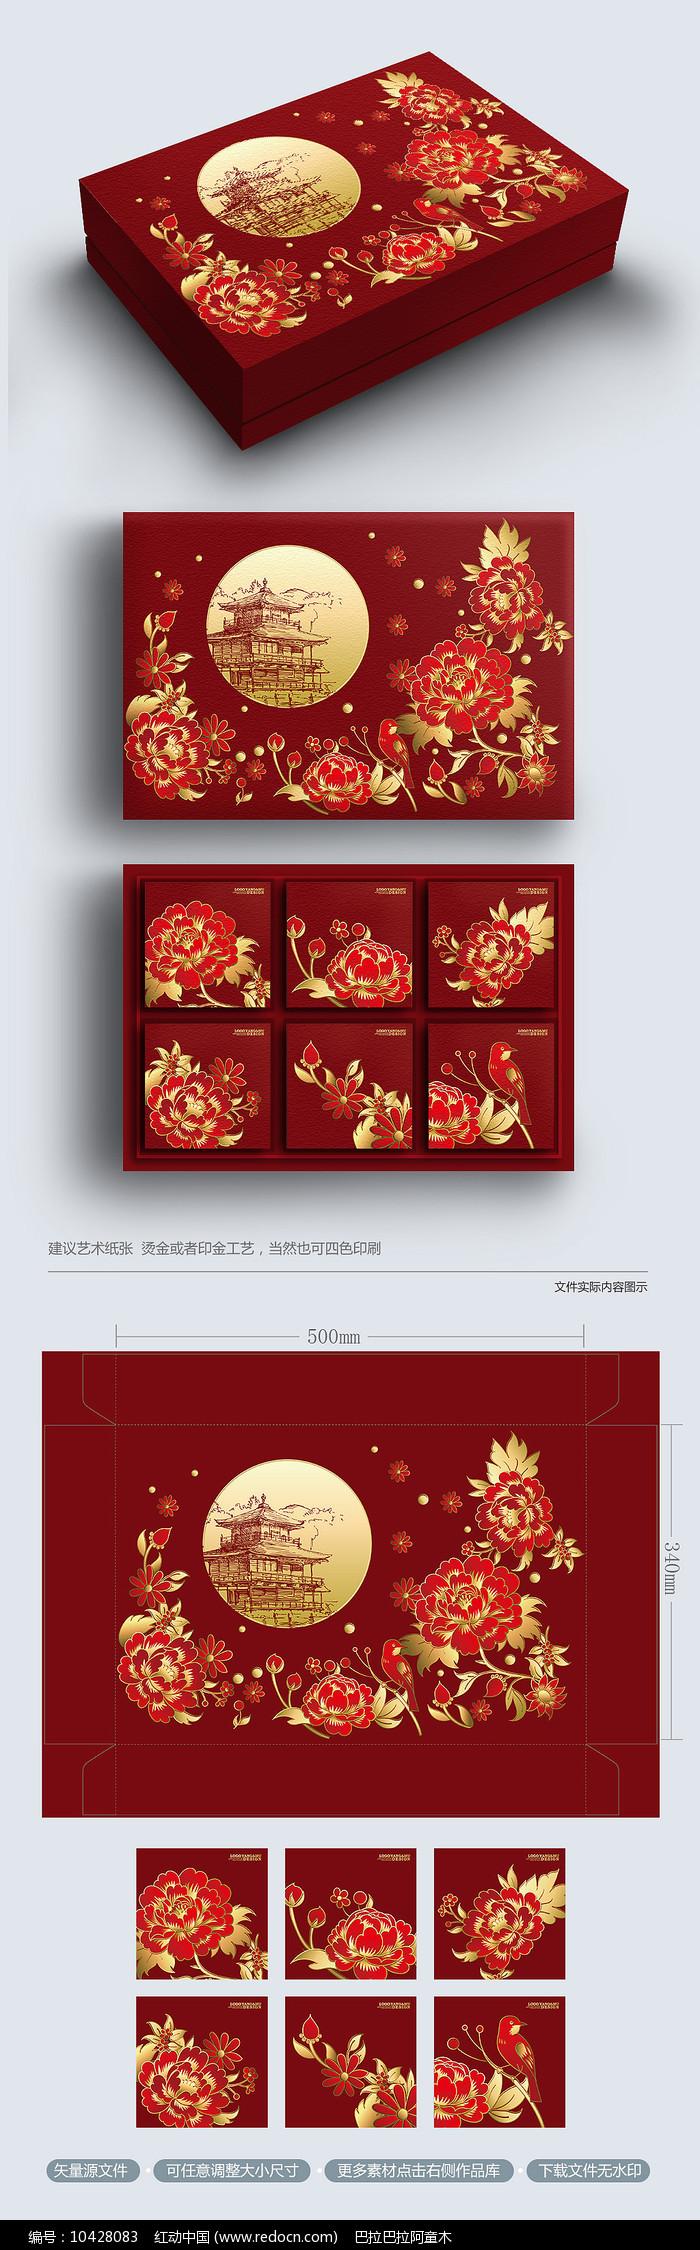 古典高档中秋花好月圆月饼礼盒包装图片